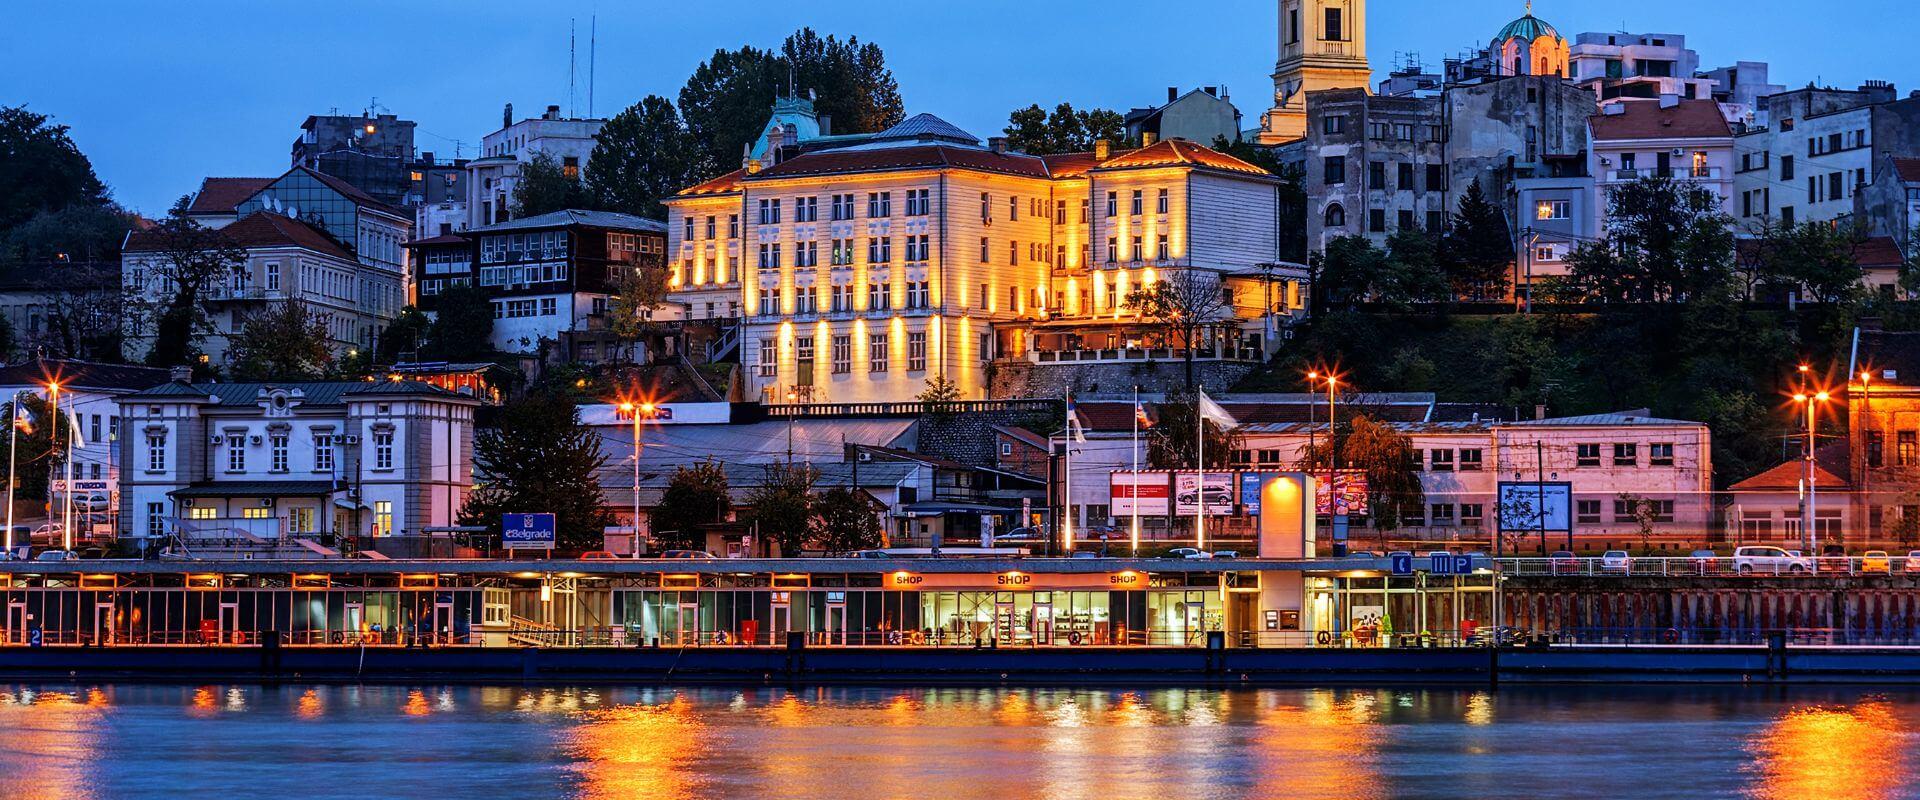 Städtereise nach Belgrad